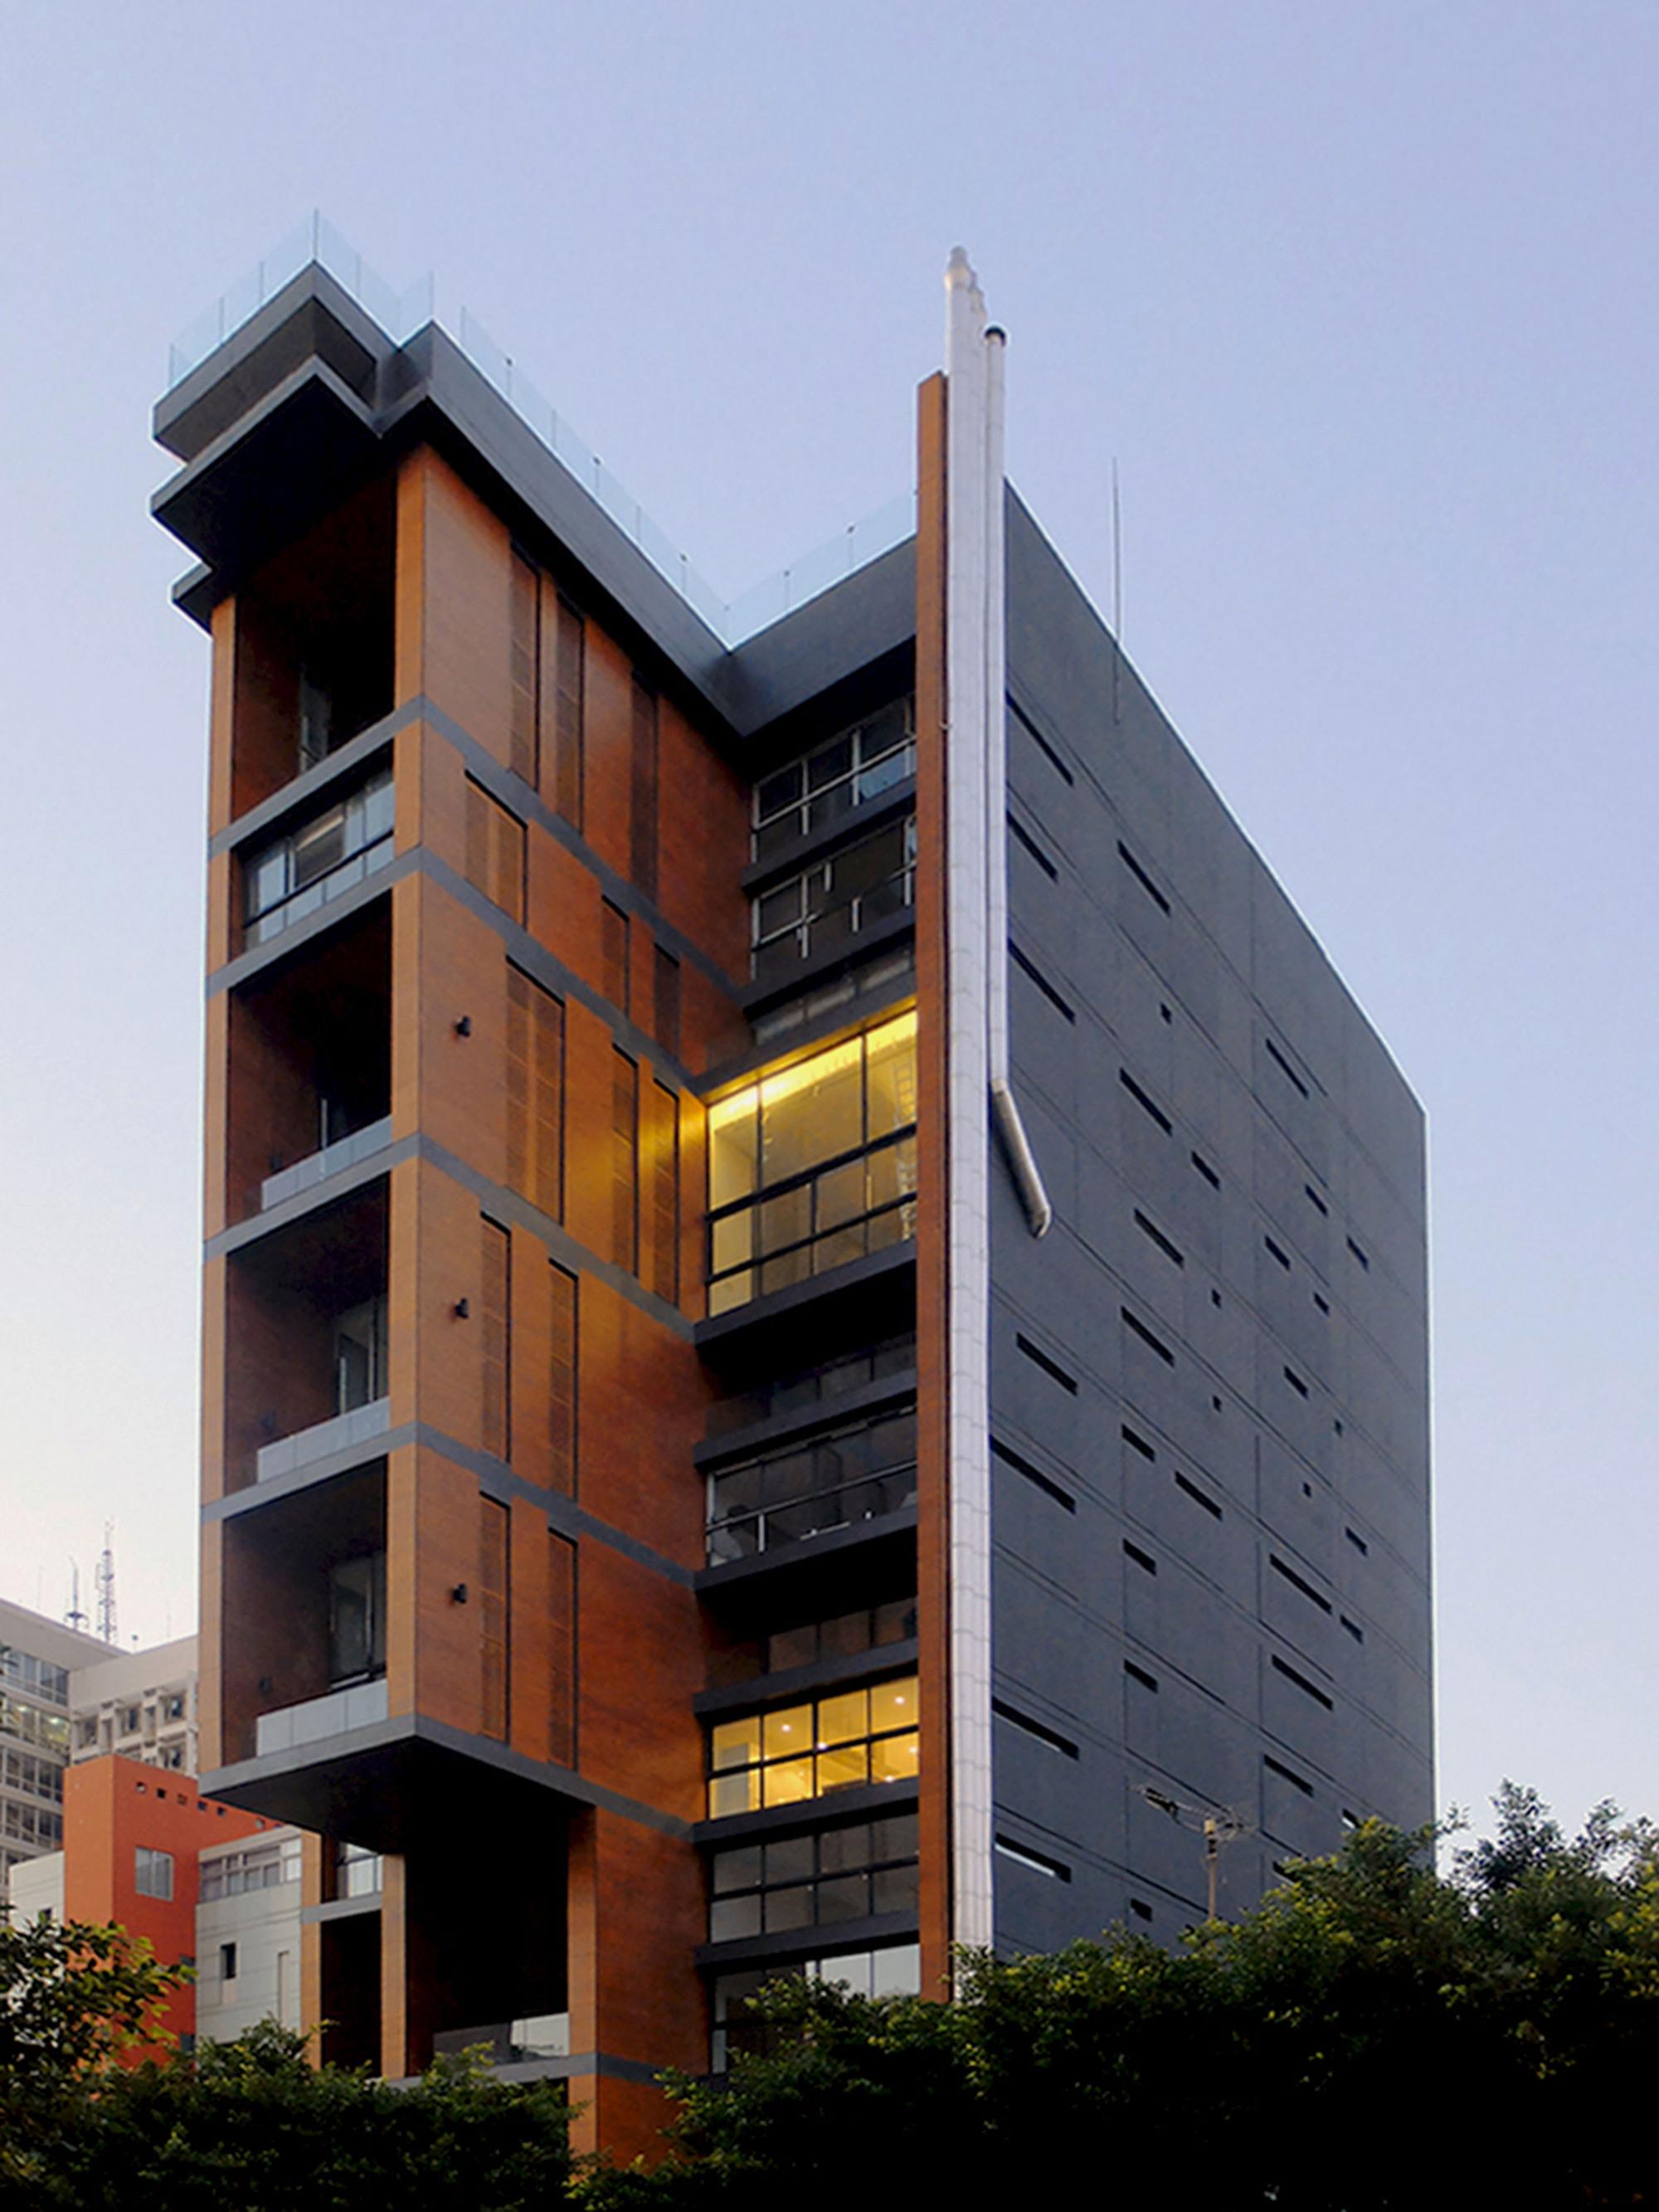 East Village / J.M.Bonfils and Associates